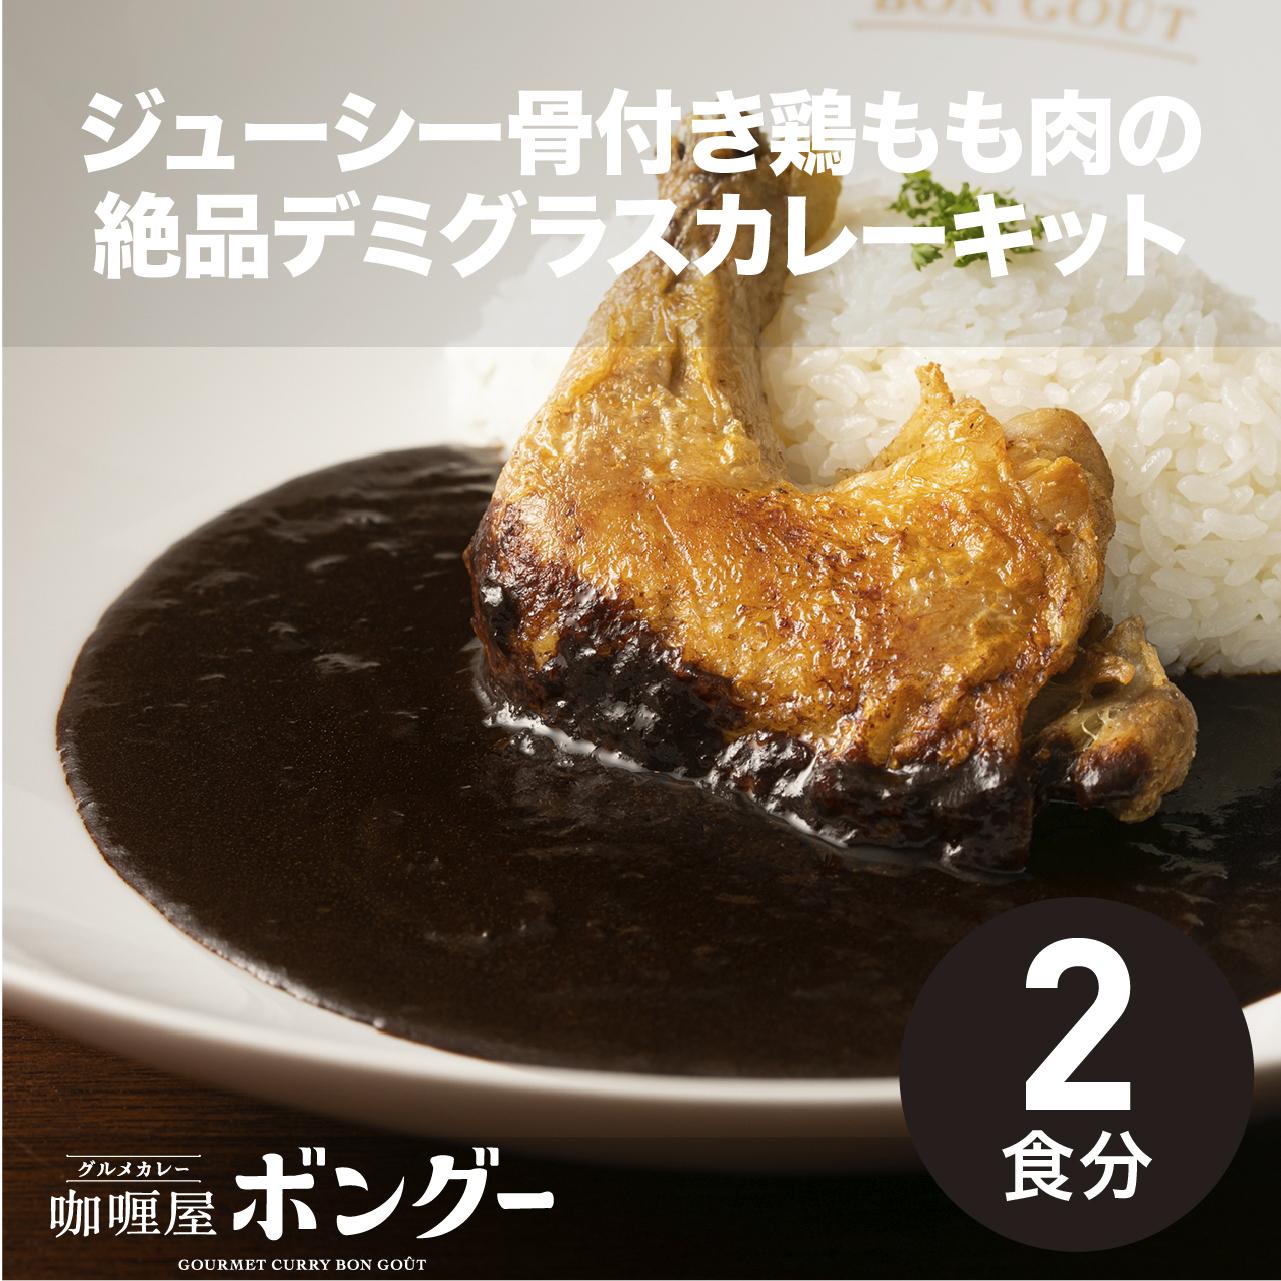 【カリー屋ボングー】 ジューシー骨付き鶏もも肉煮込みの絶品デミグラスカレーキット 2食分(カリー屋ボングー)